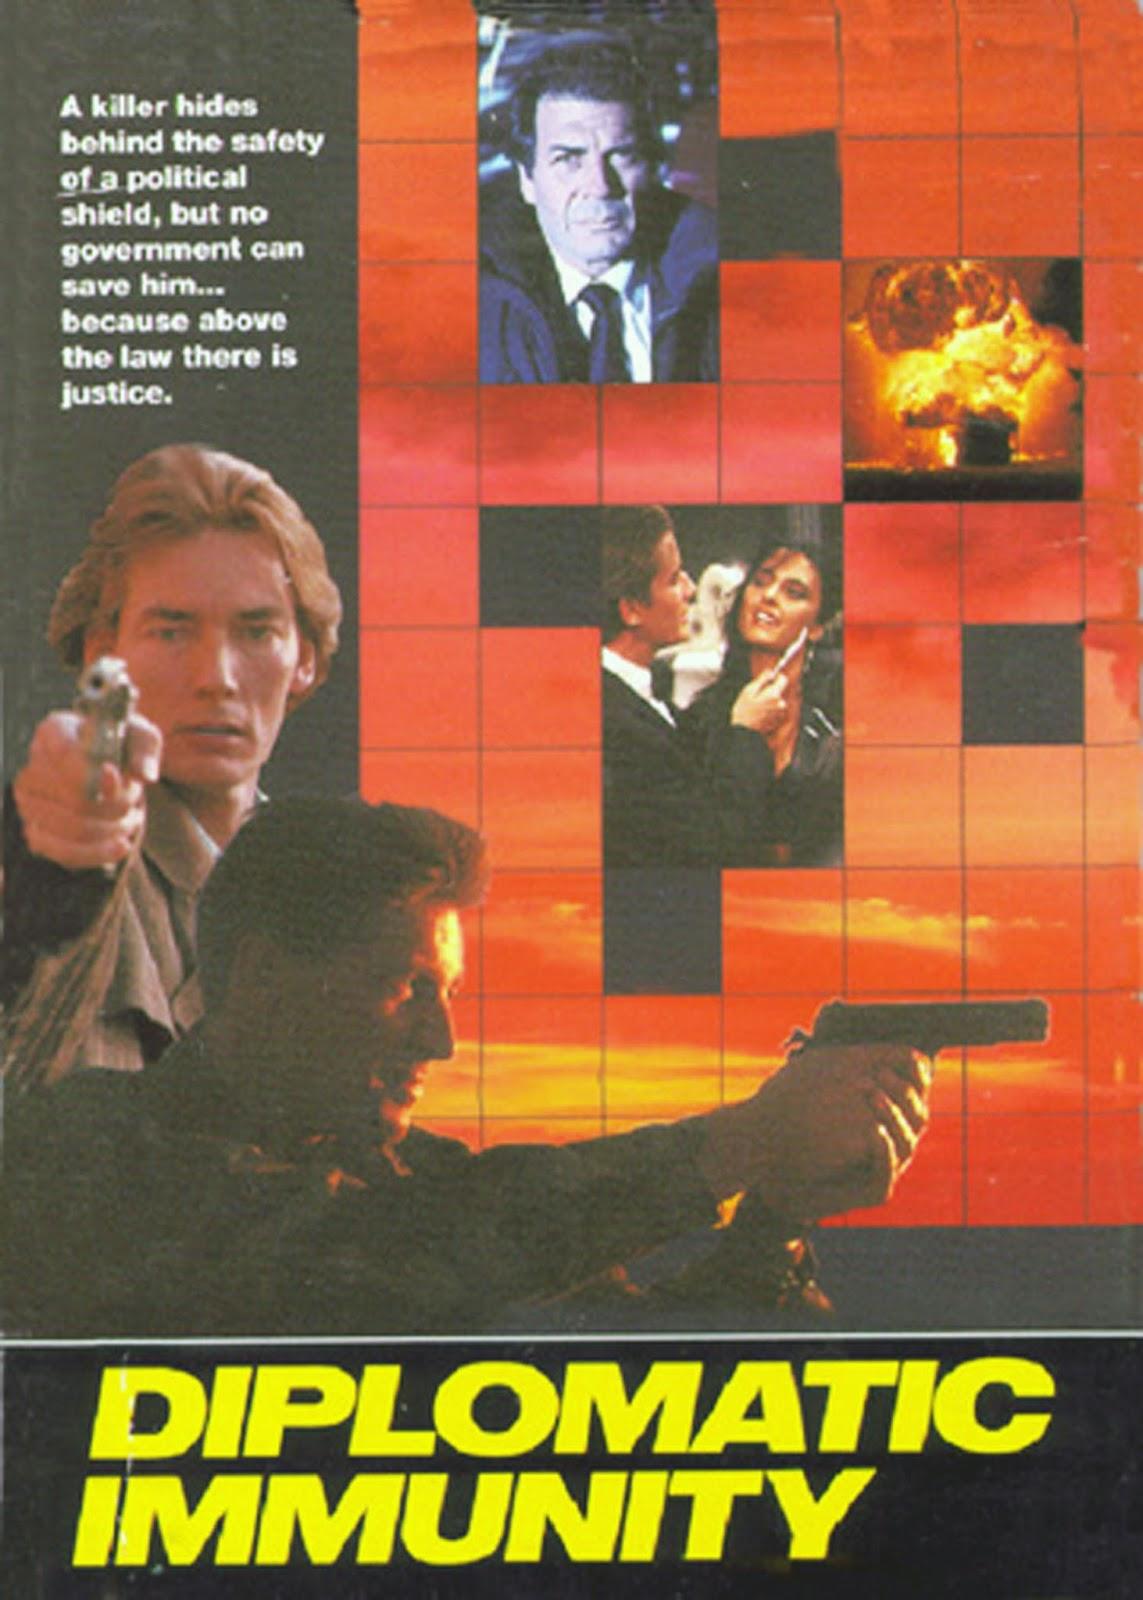 Inmunidad diplomática (1991)